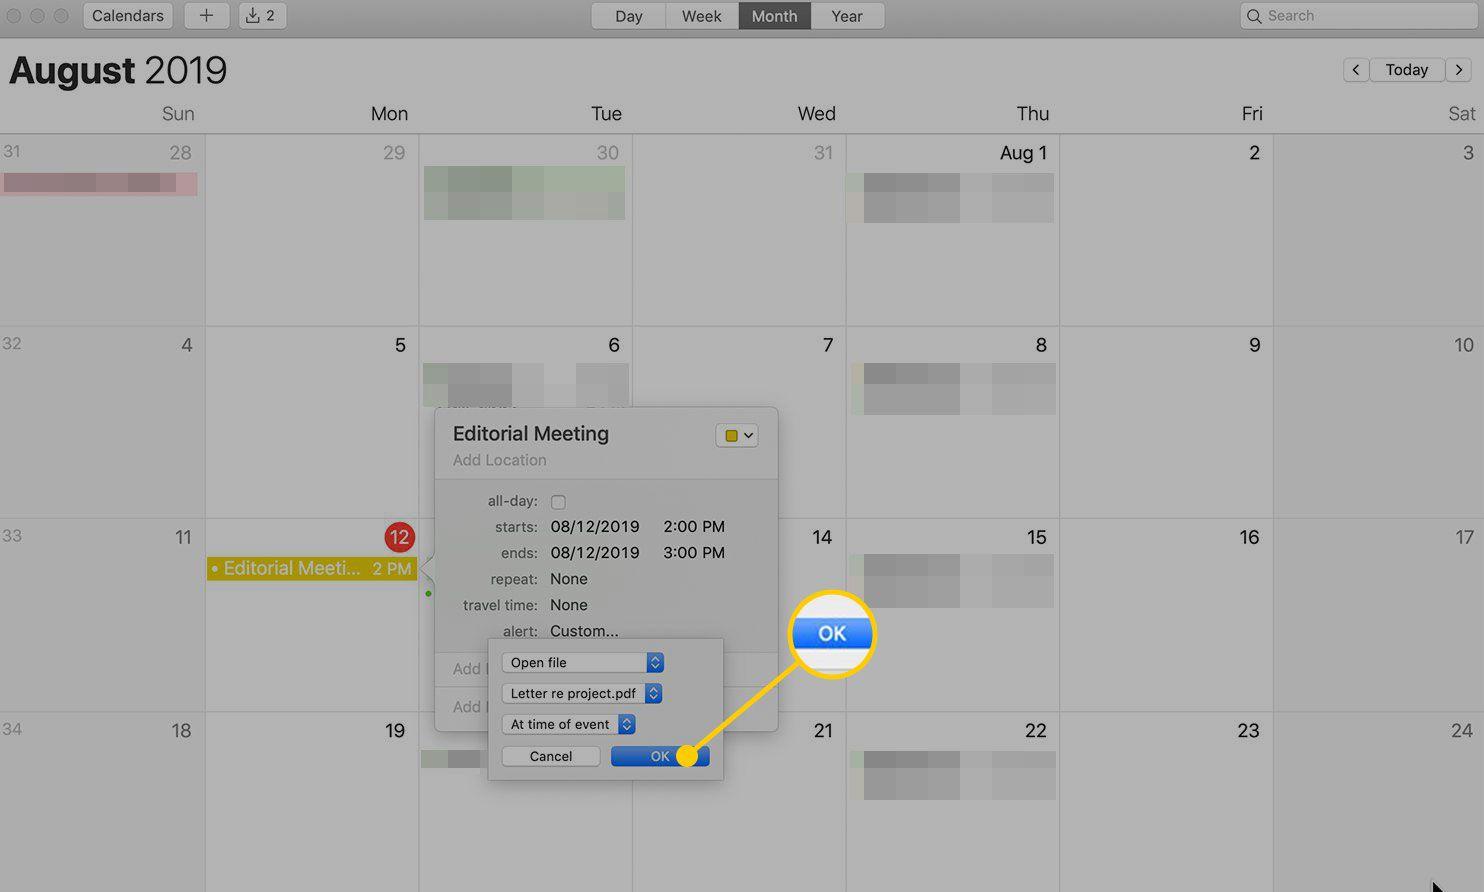 OK button in Calendar